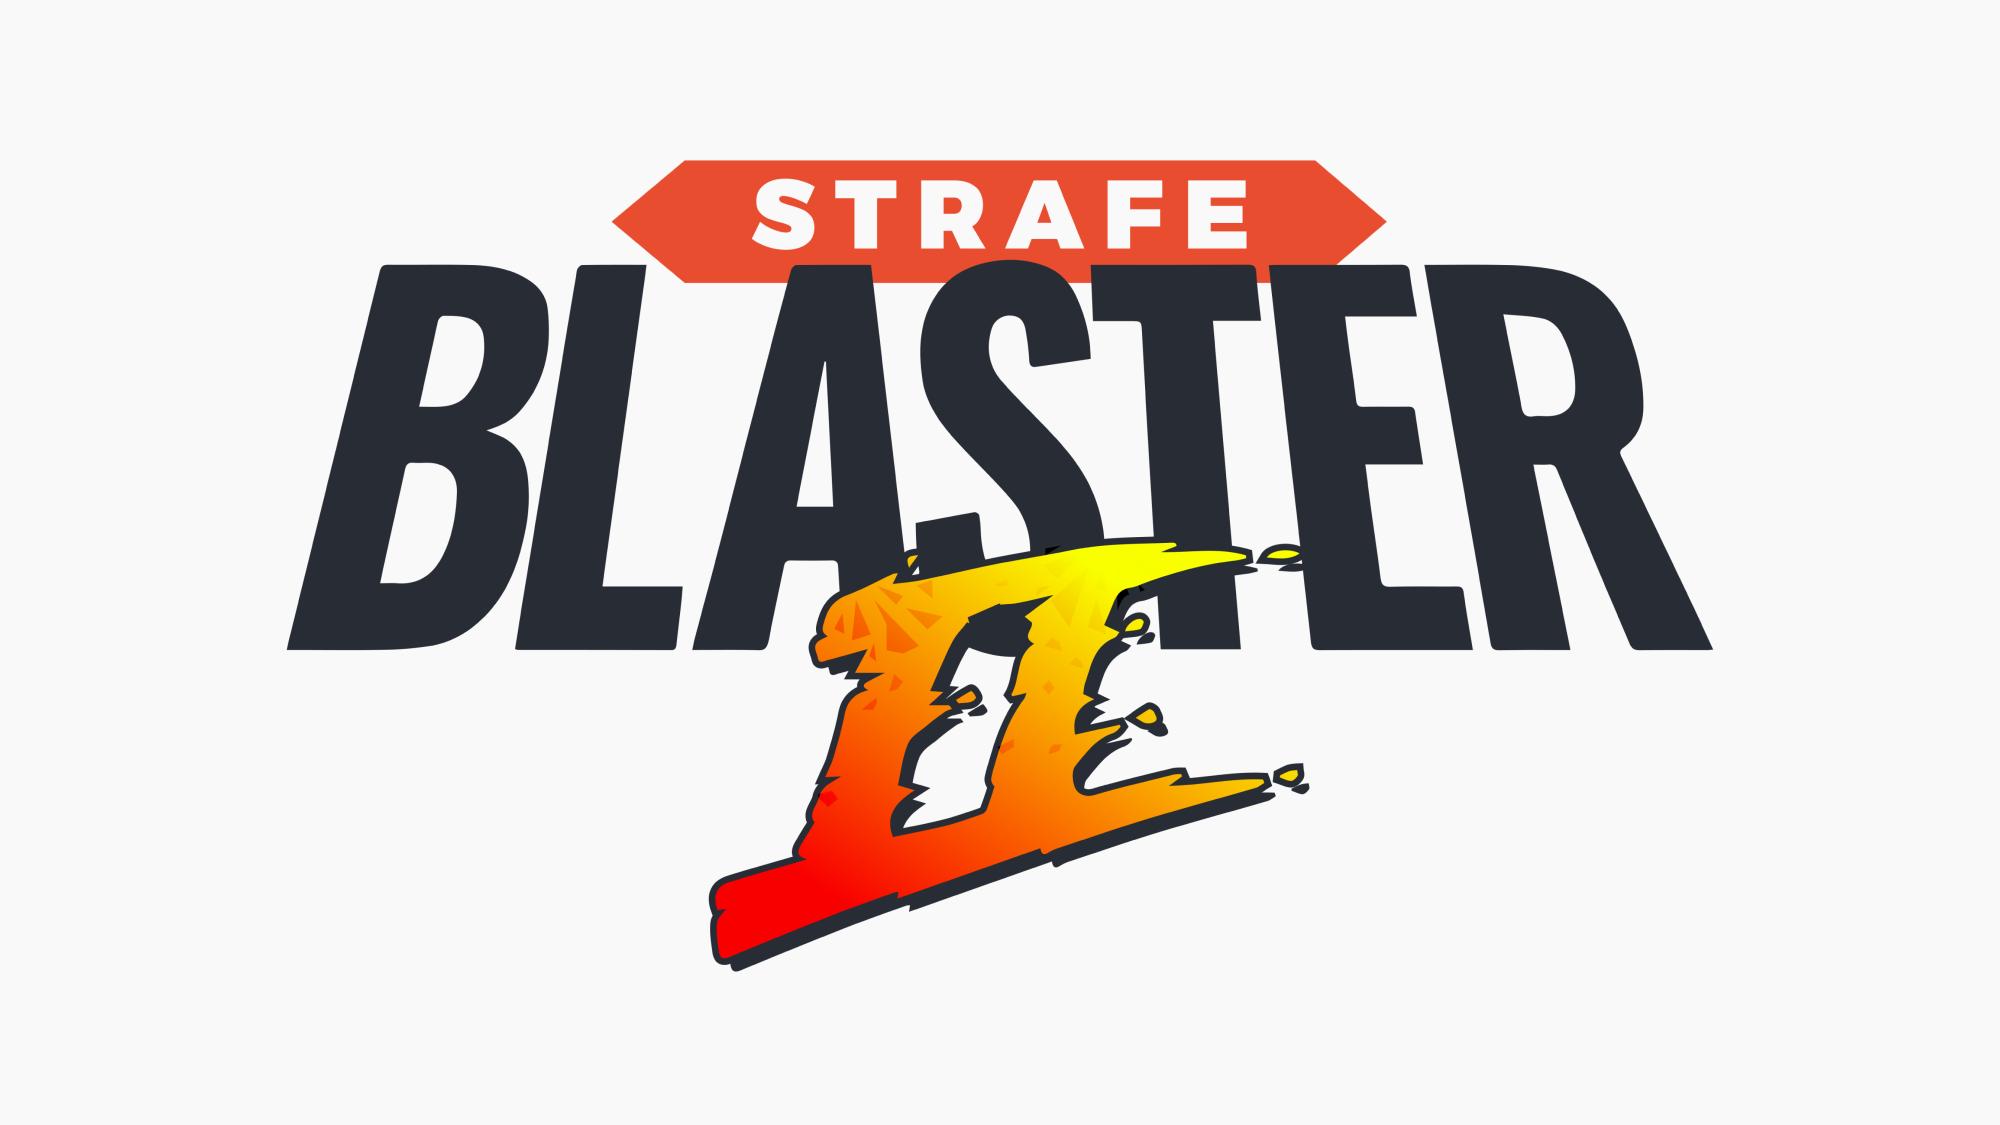 Strafe Blaster 2